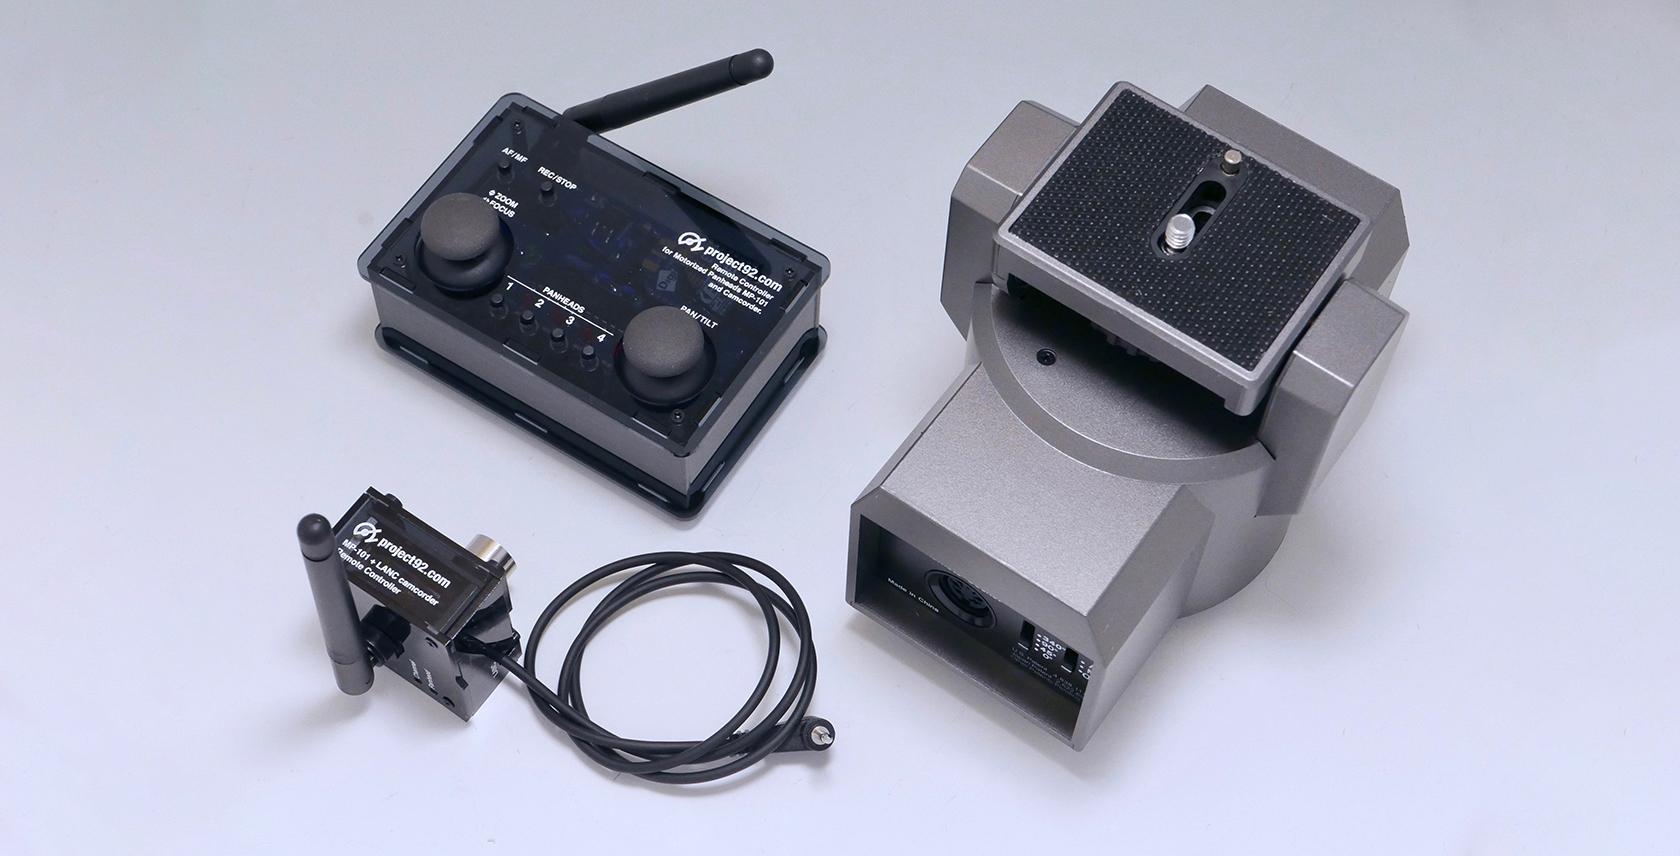 「MP-101無線リモコンキット」は何ができるの?